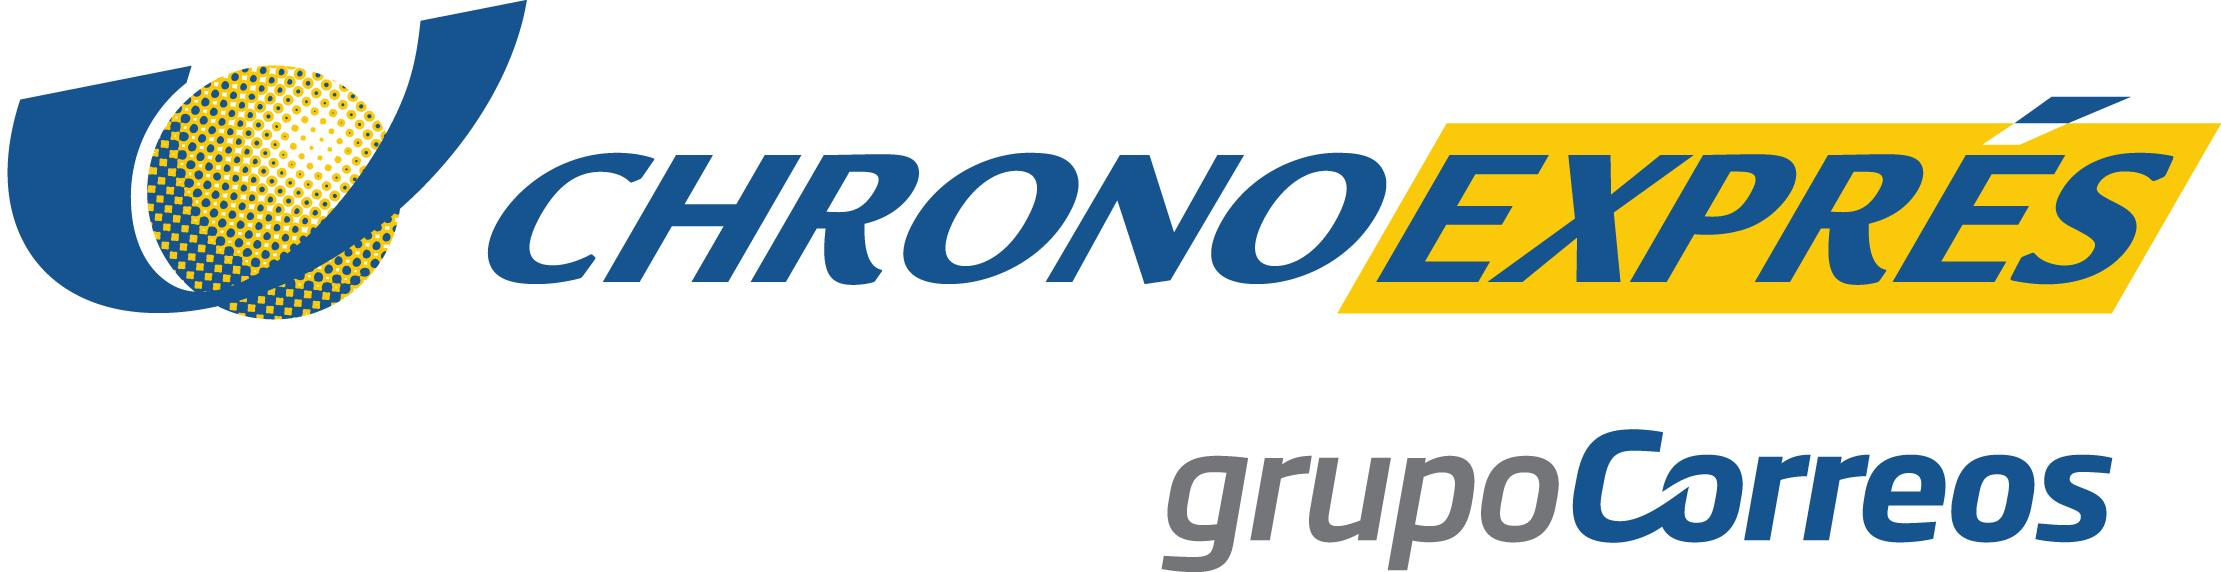 ChronoExpres